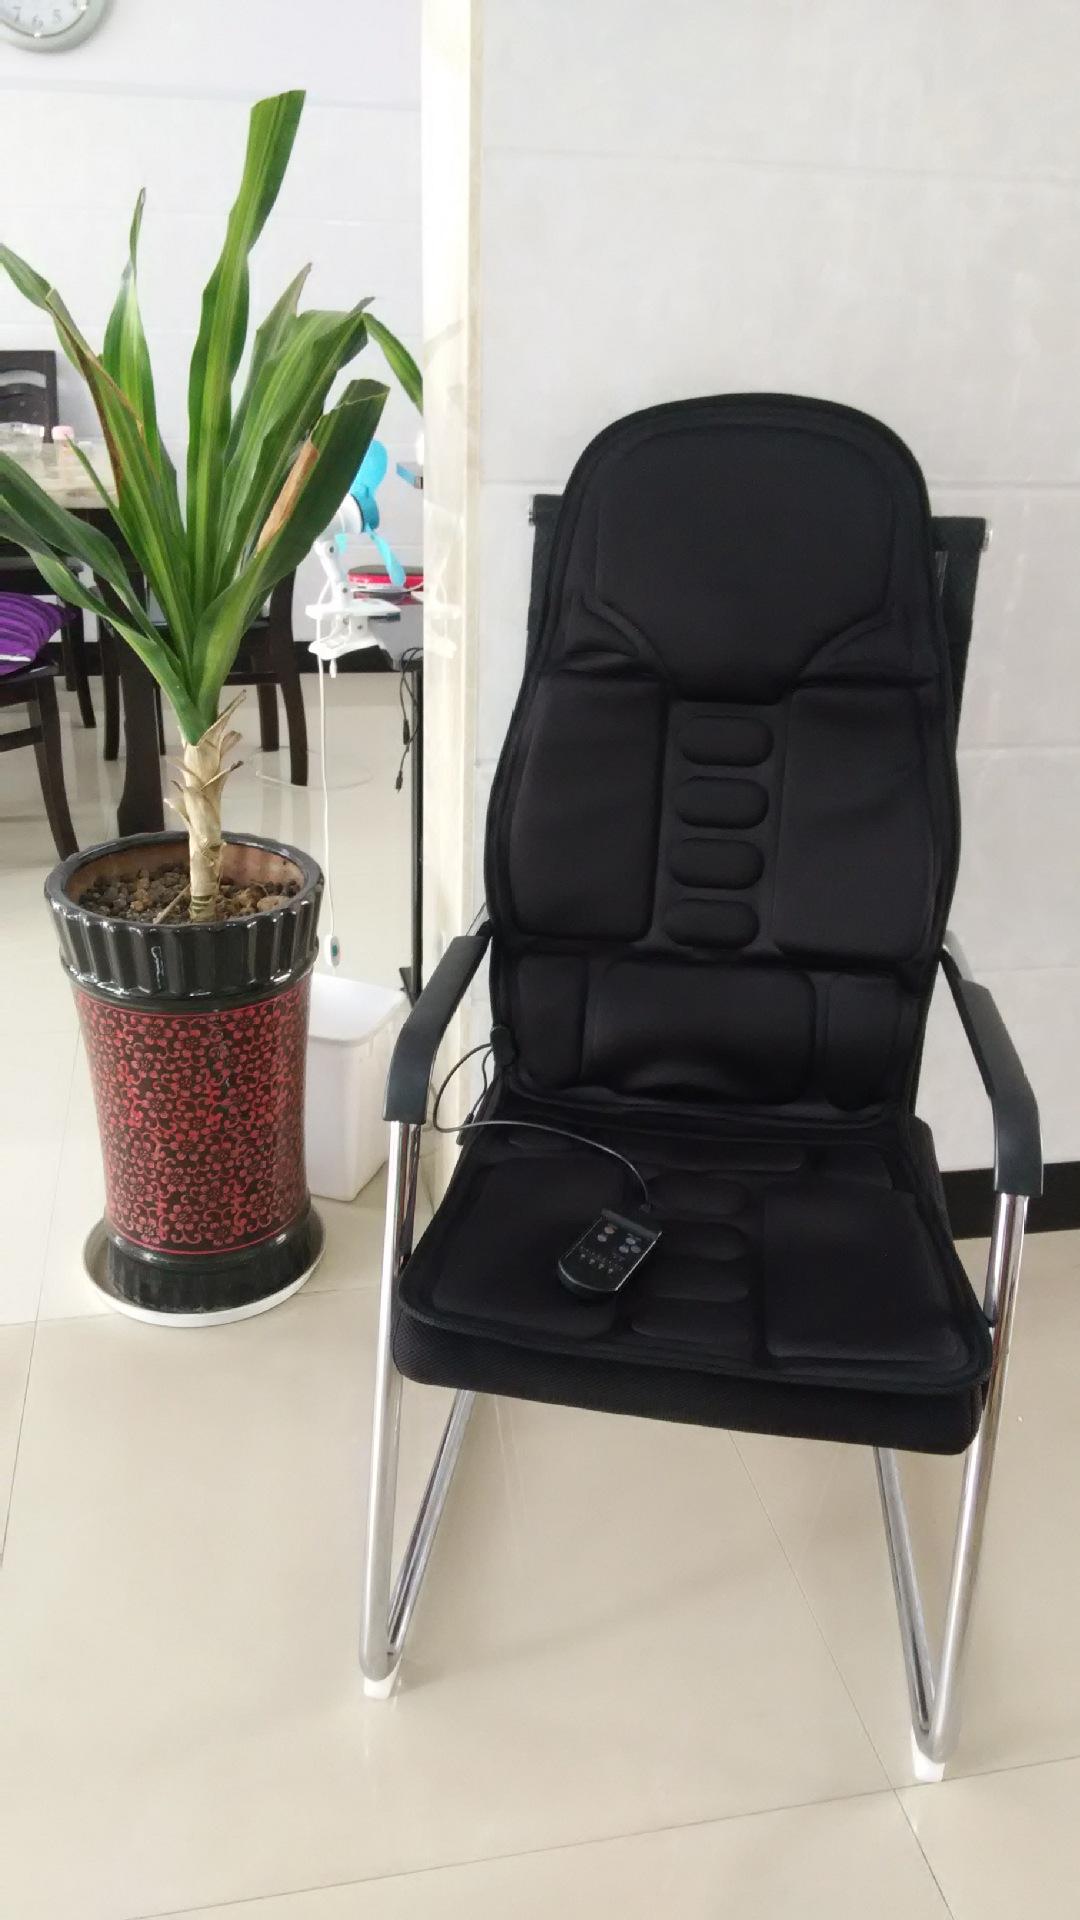 Tấm lót ghế massage sử dụng cho ghế ô tô hoặc ở nhà